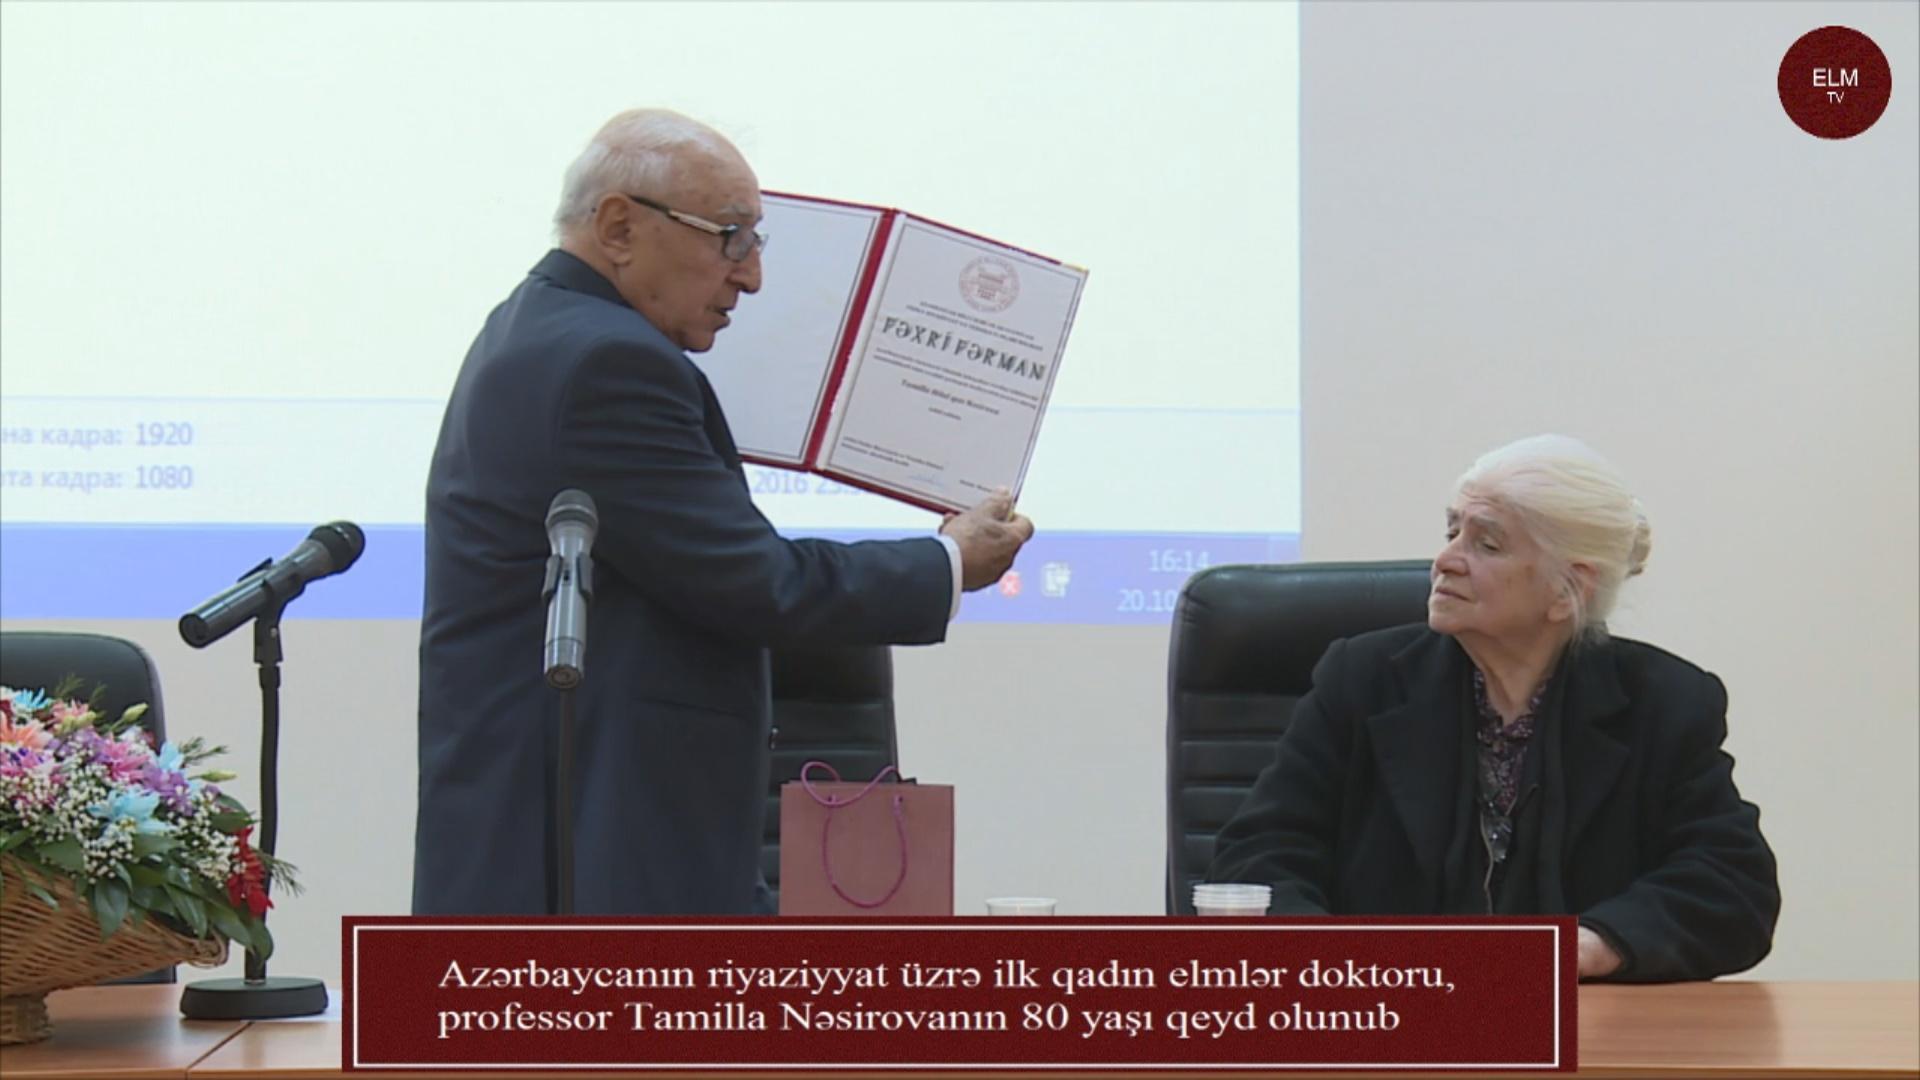 Azərbaycanın riyaziyyat üzrə ilk qadın elmlər doktoru, professor Tamilla Nəsirovanın 80 yaşı qeyd olunub